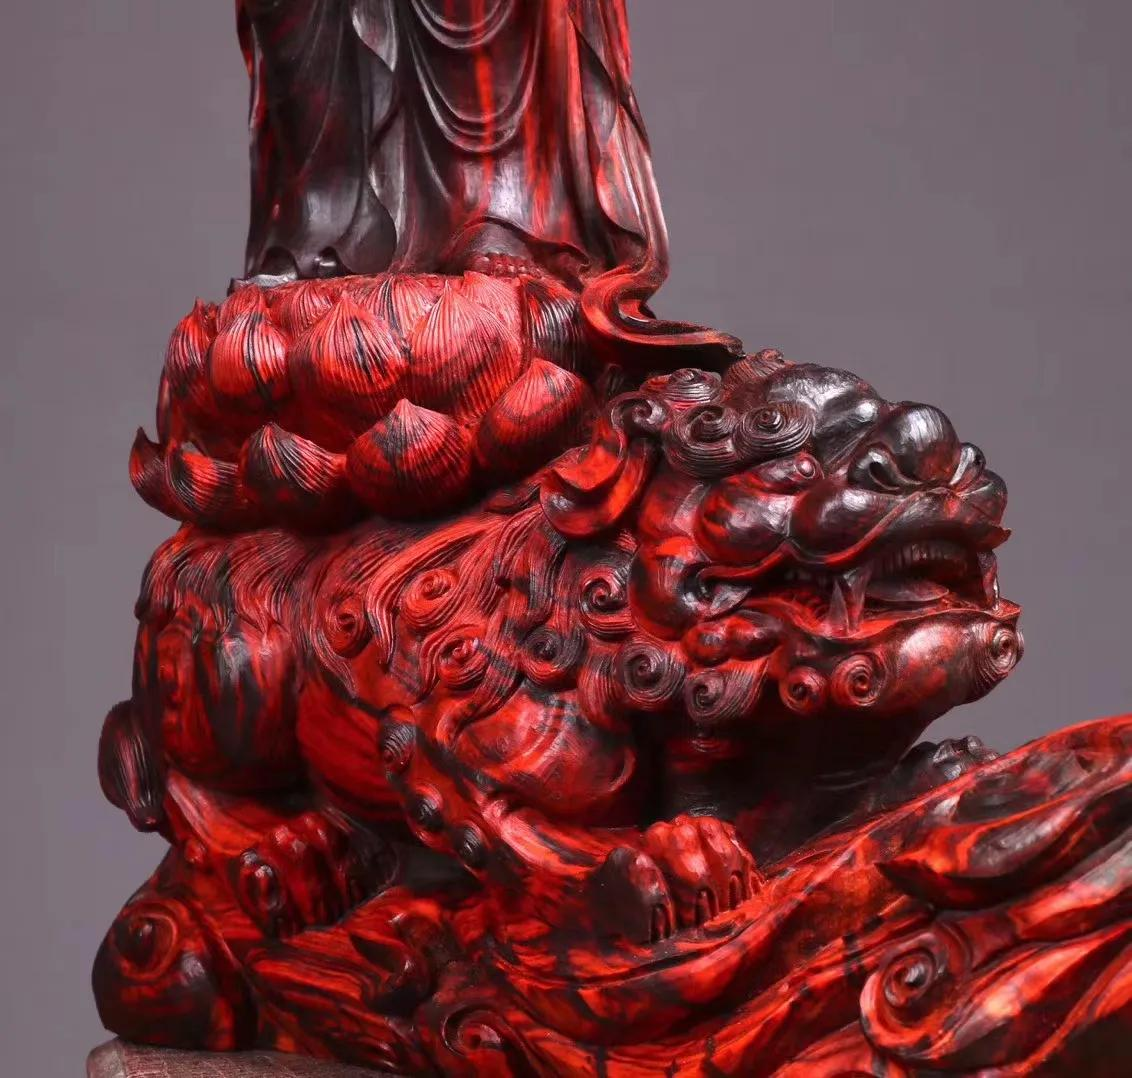 文殊菩萨!美轮美奂手工木雕!是艺术更是信仰!